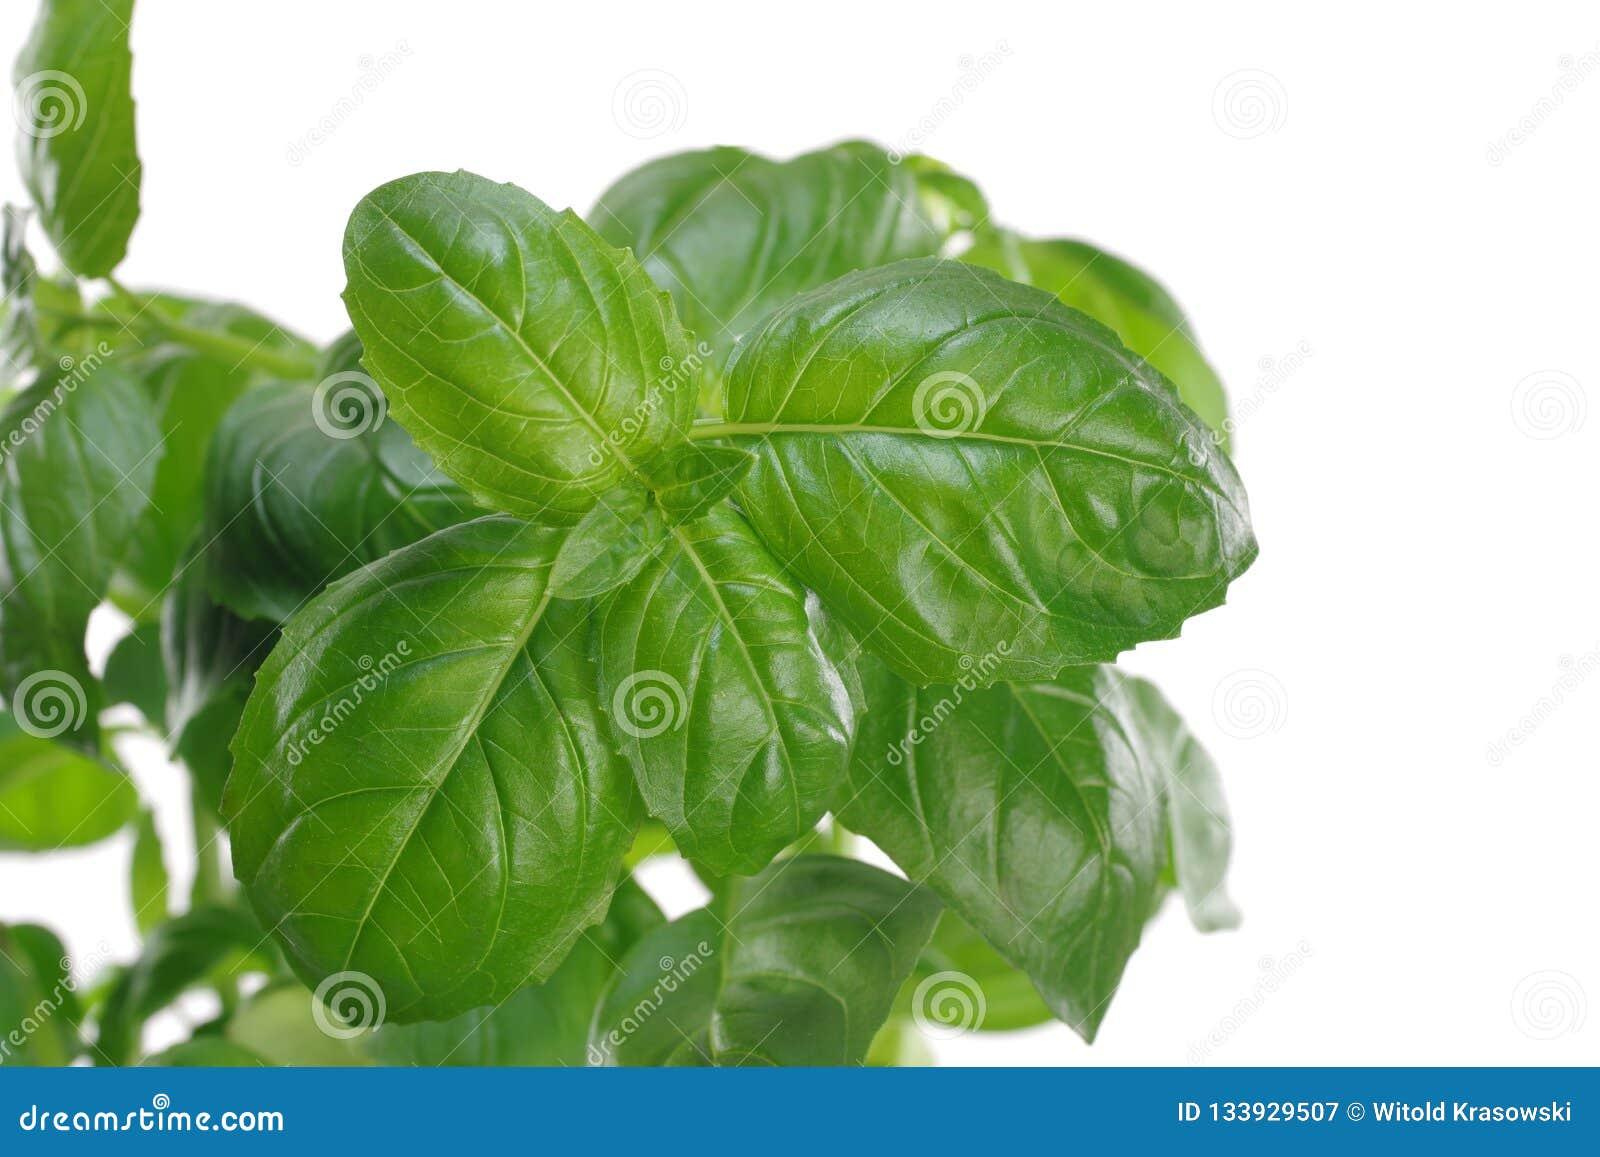 Herb green basil in flowerpot